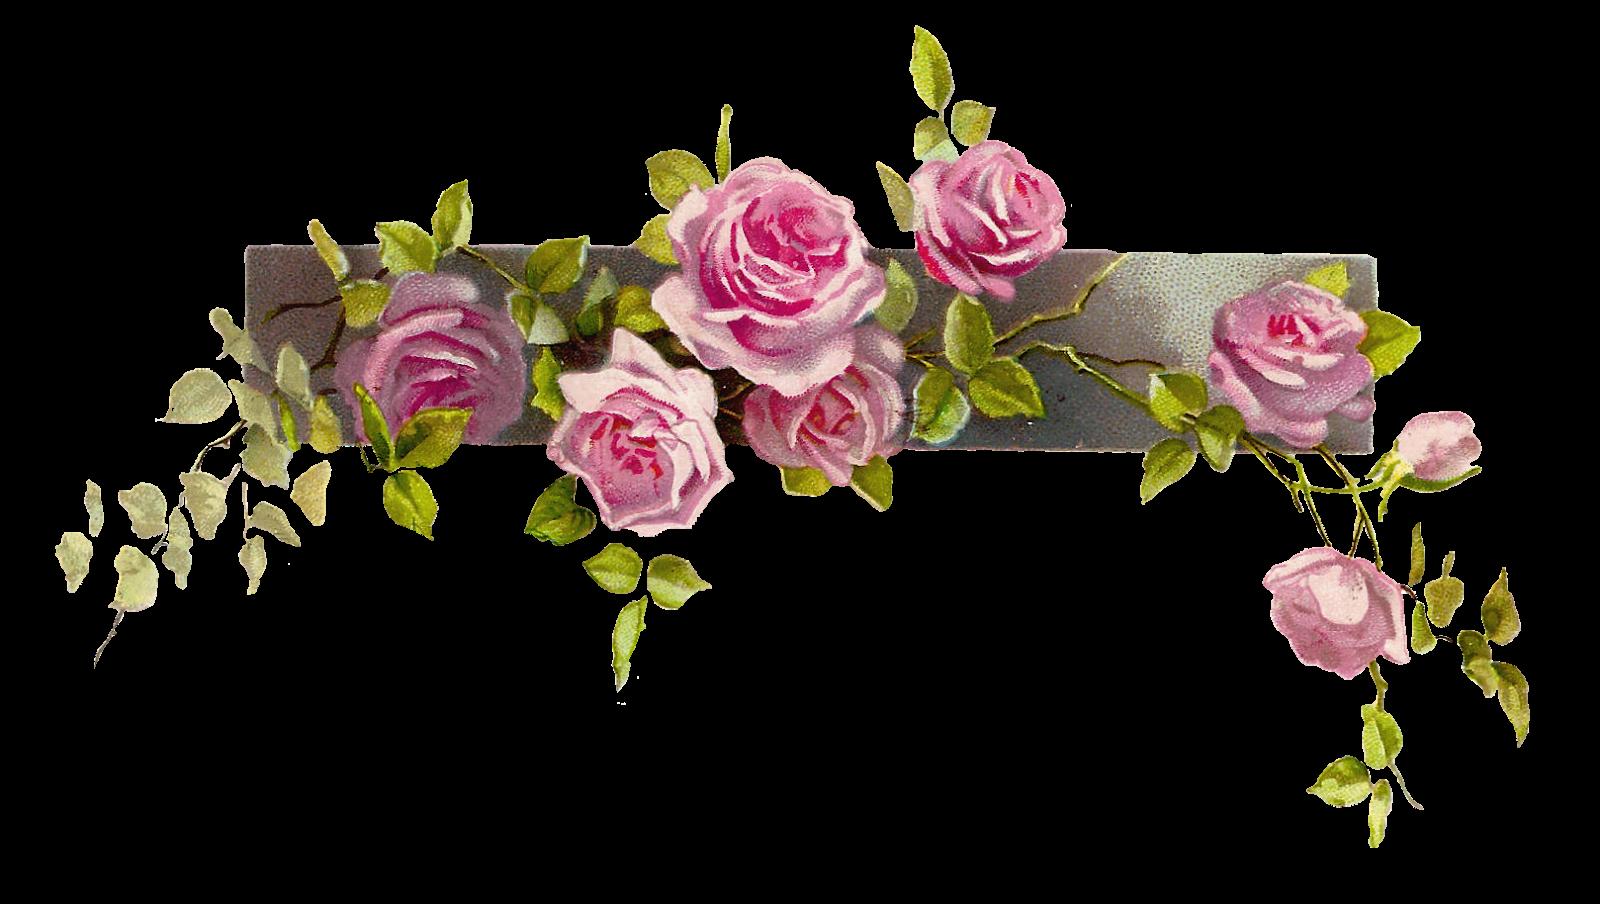 Border Flower Rose Line Free Images At C-Border Flower Rose Line Free Images At Clker Com Vector Clip Art-1